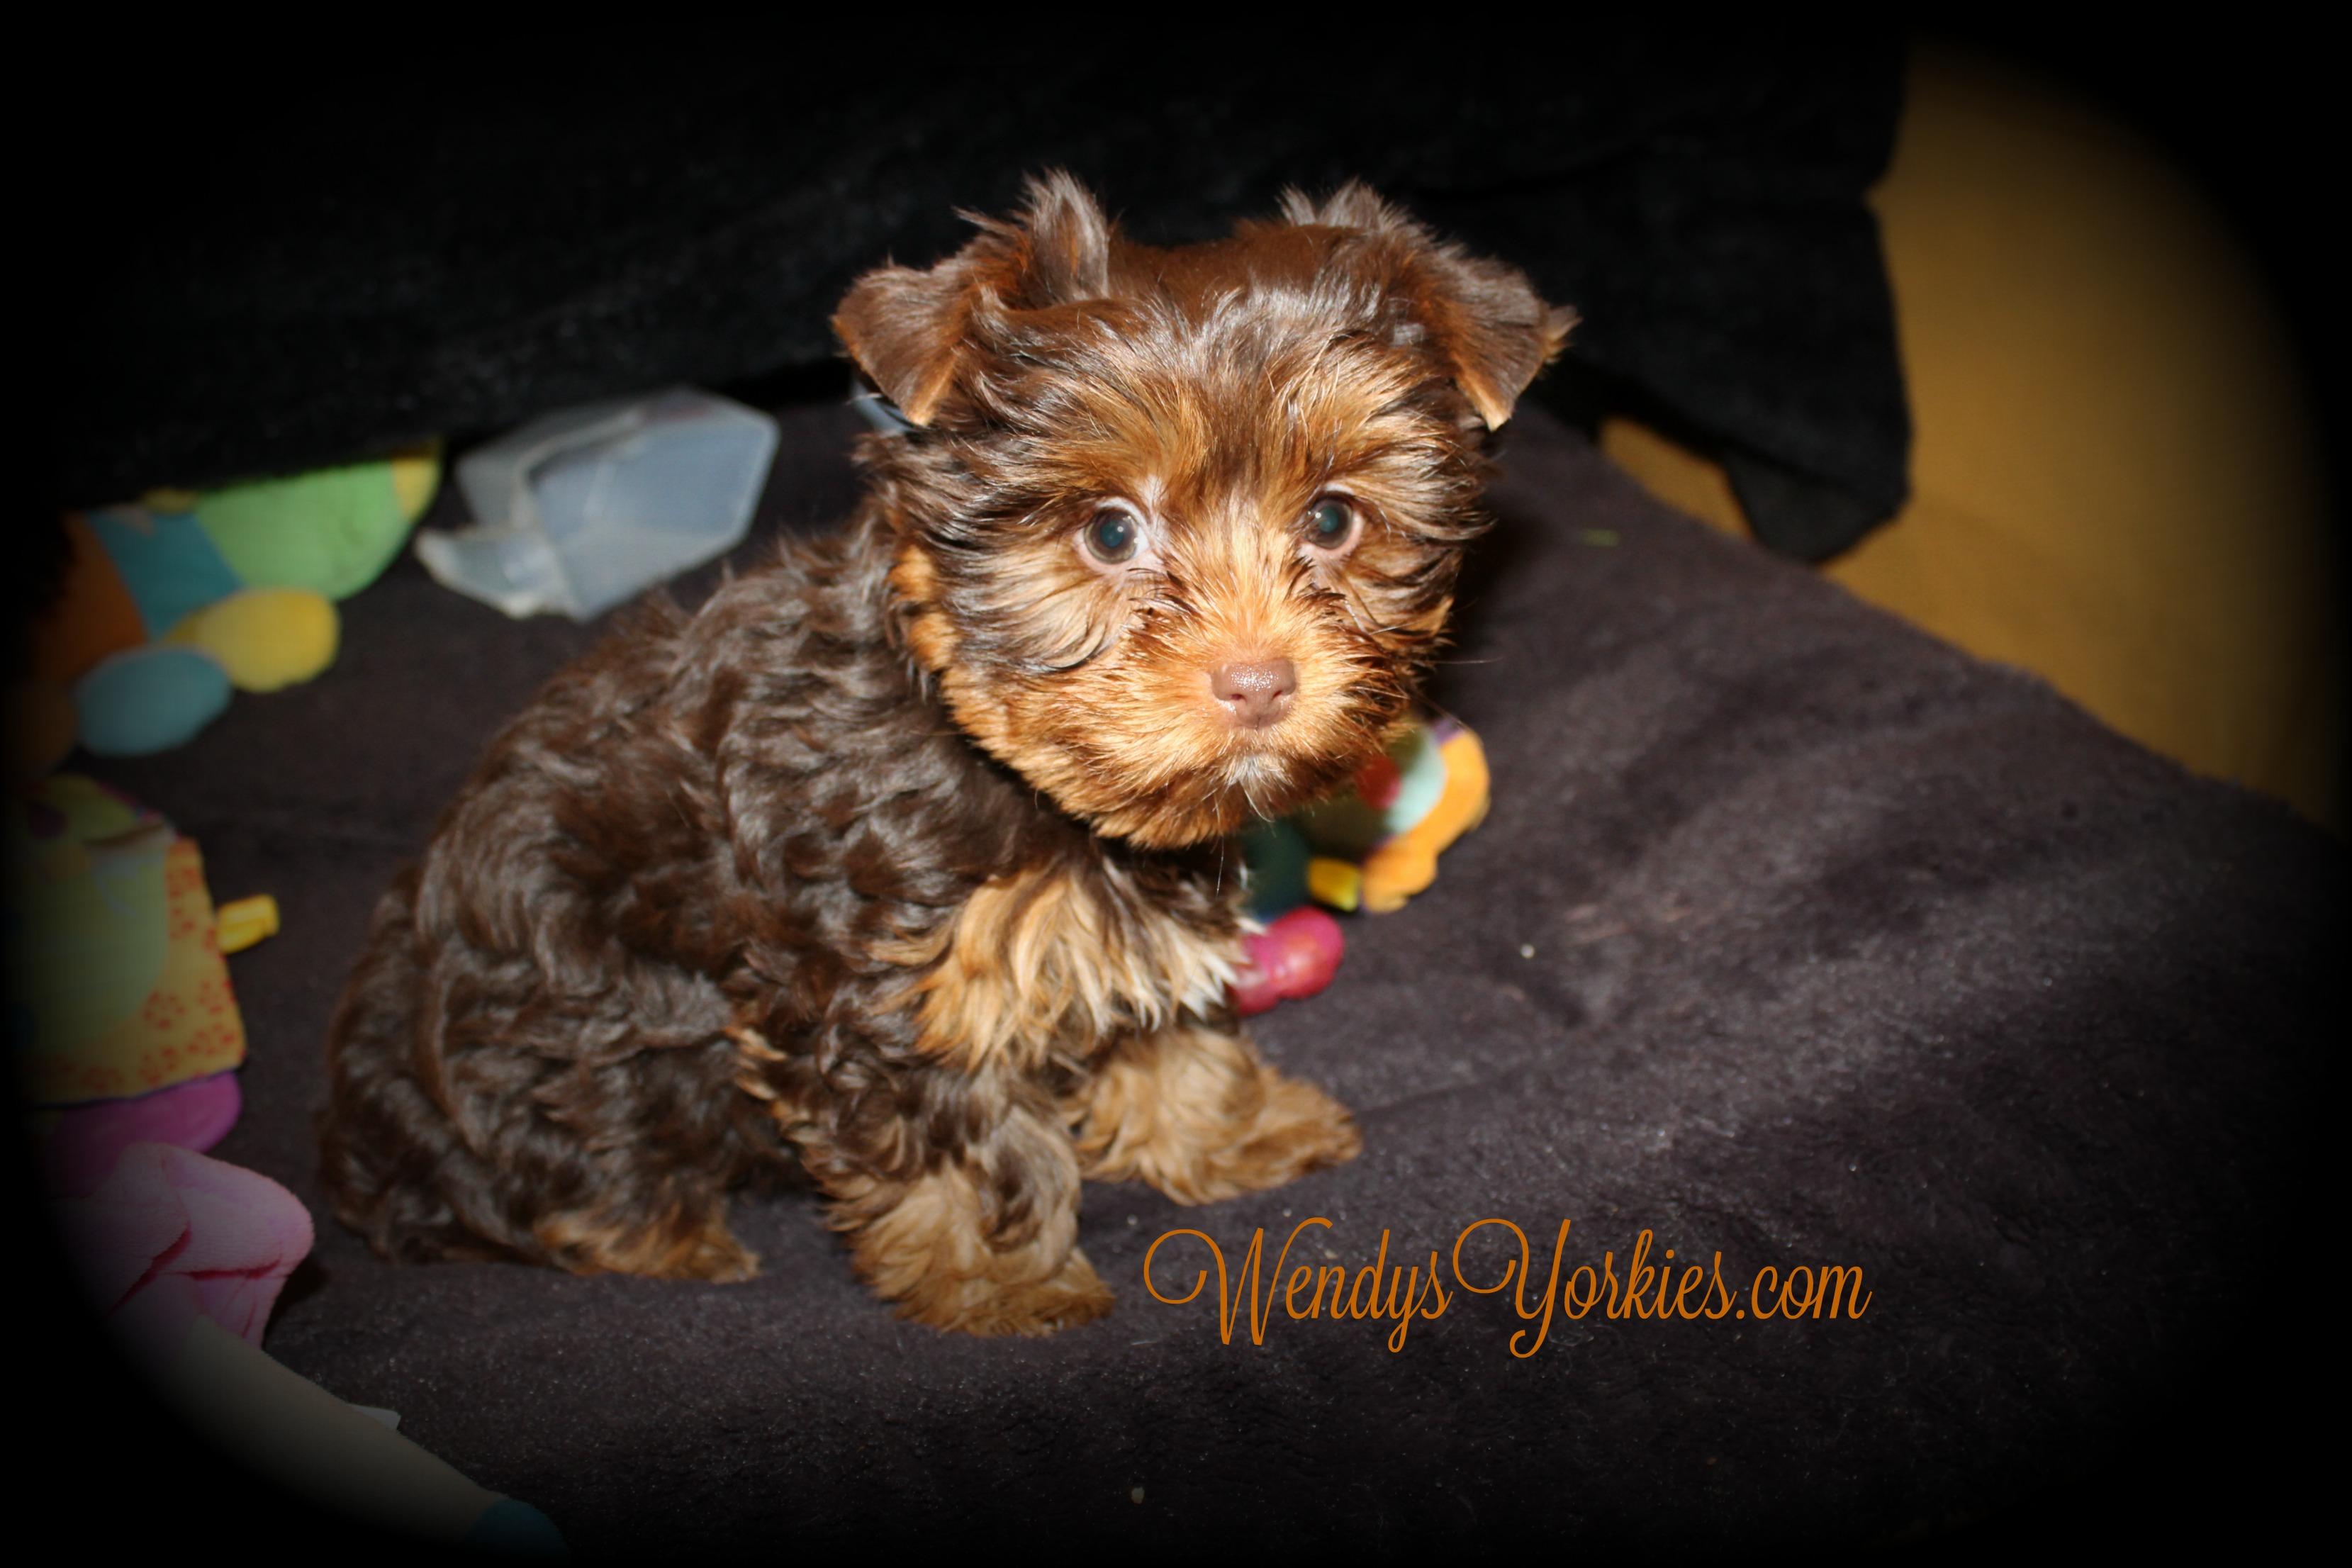 Chocolate Yorkie puppies for sale, WendysYorkies, Lela cf1